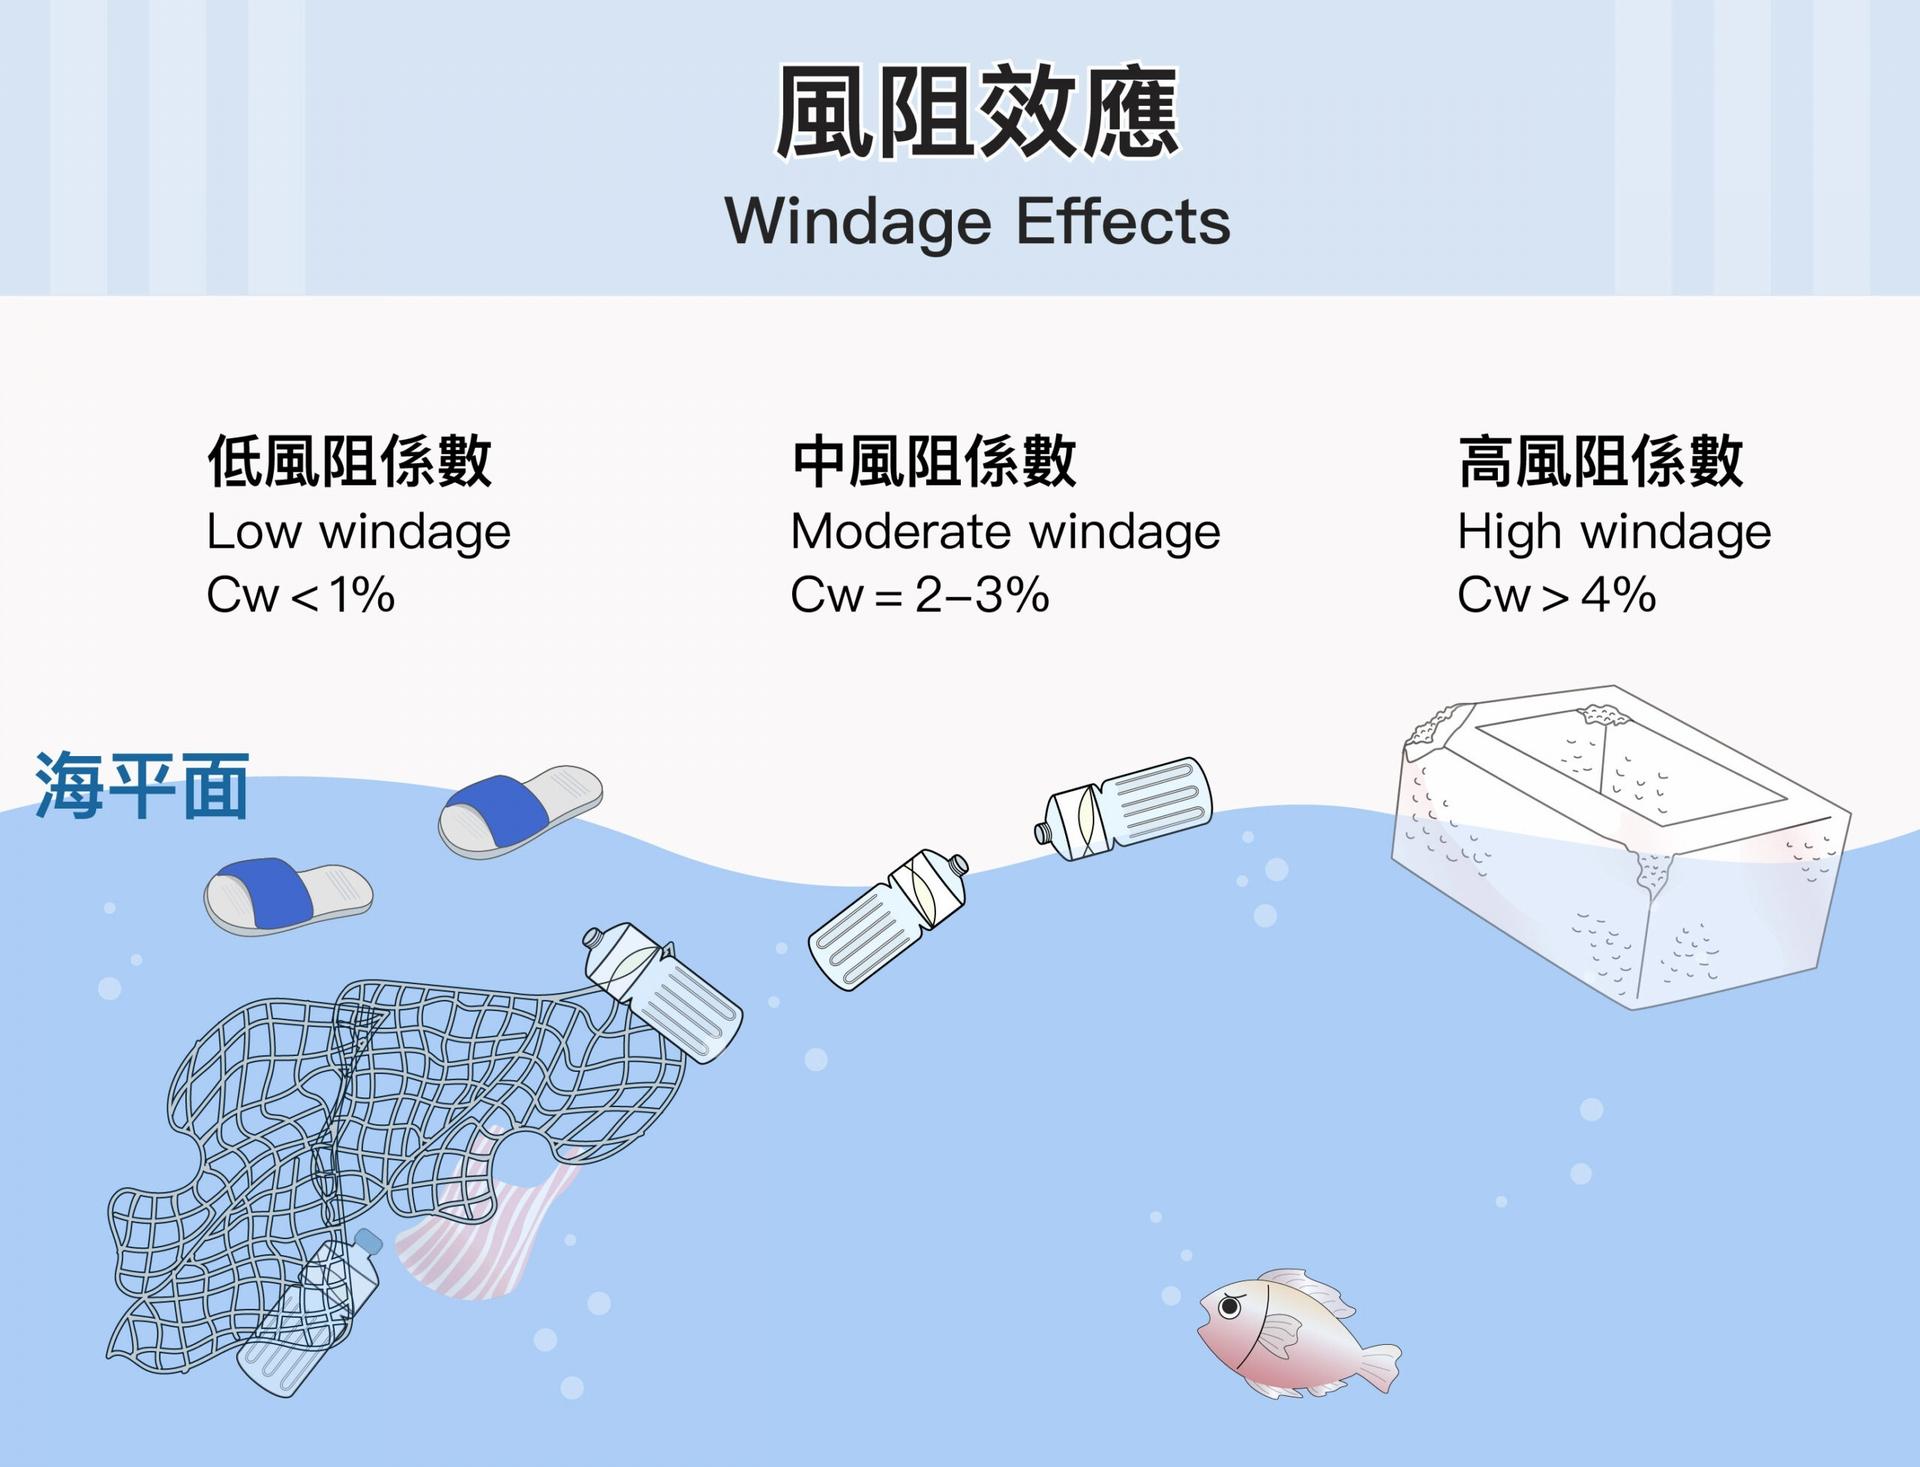 海漂垃圾的風阻係數(Cw)為 0~0.1,風阻係數高的垃圾有機會被風吹到岸上,風阻係數低的可能就漂浮在海面。Cw 愈高,表示受到風的阻力愈大,如大體積保麗龍,受風面大很容易跑到岸上;塑膠拖鞋 Cw 為 0,不會沉沒且風也吹不動,除非有大浪才會被捲到岸上。 圖│研之有物